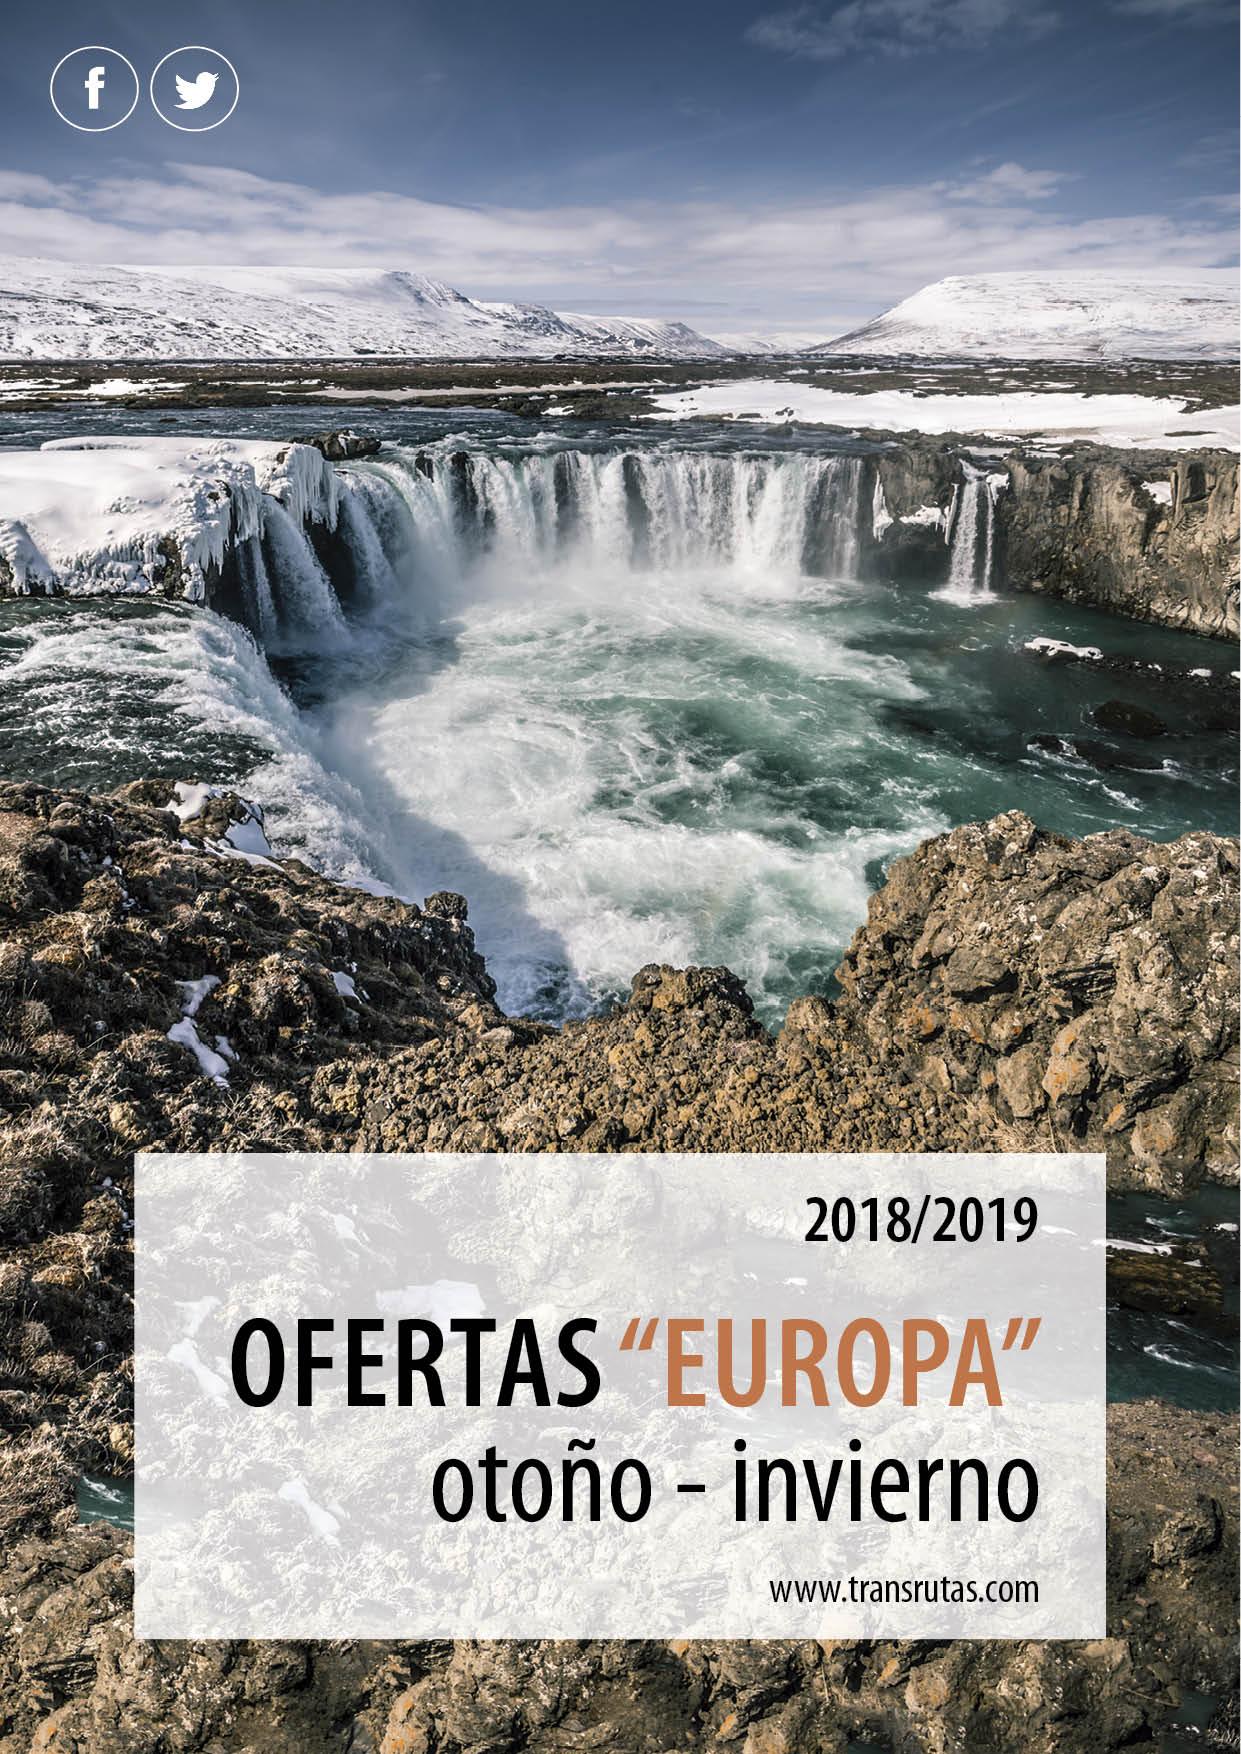 Catalogo Transrutas Ofertas Otono-Invierno 2018-2019